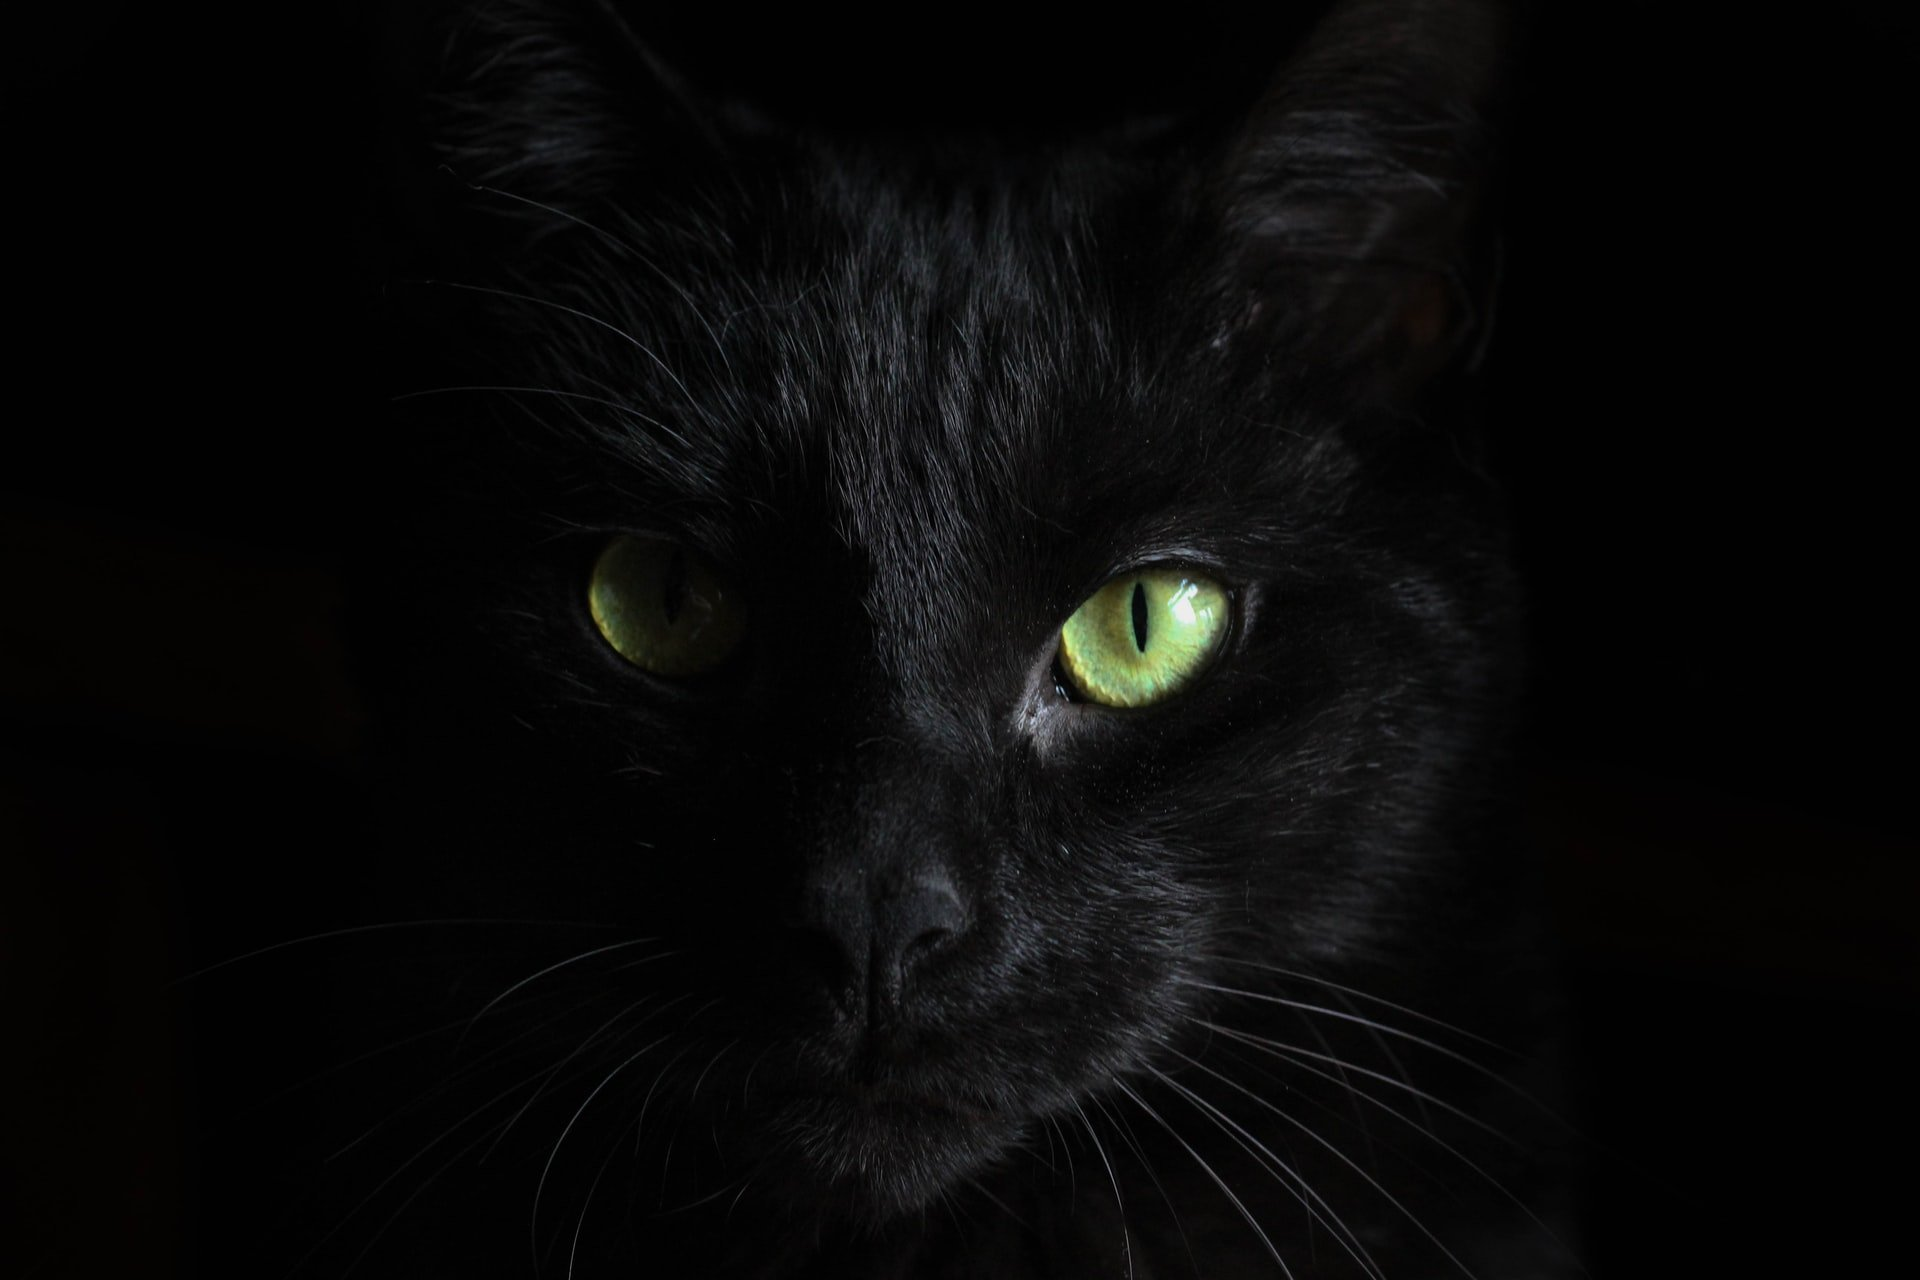 Mitos e verdades sobre os gatos pretos e o Halloween